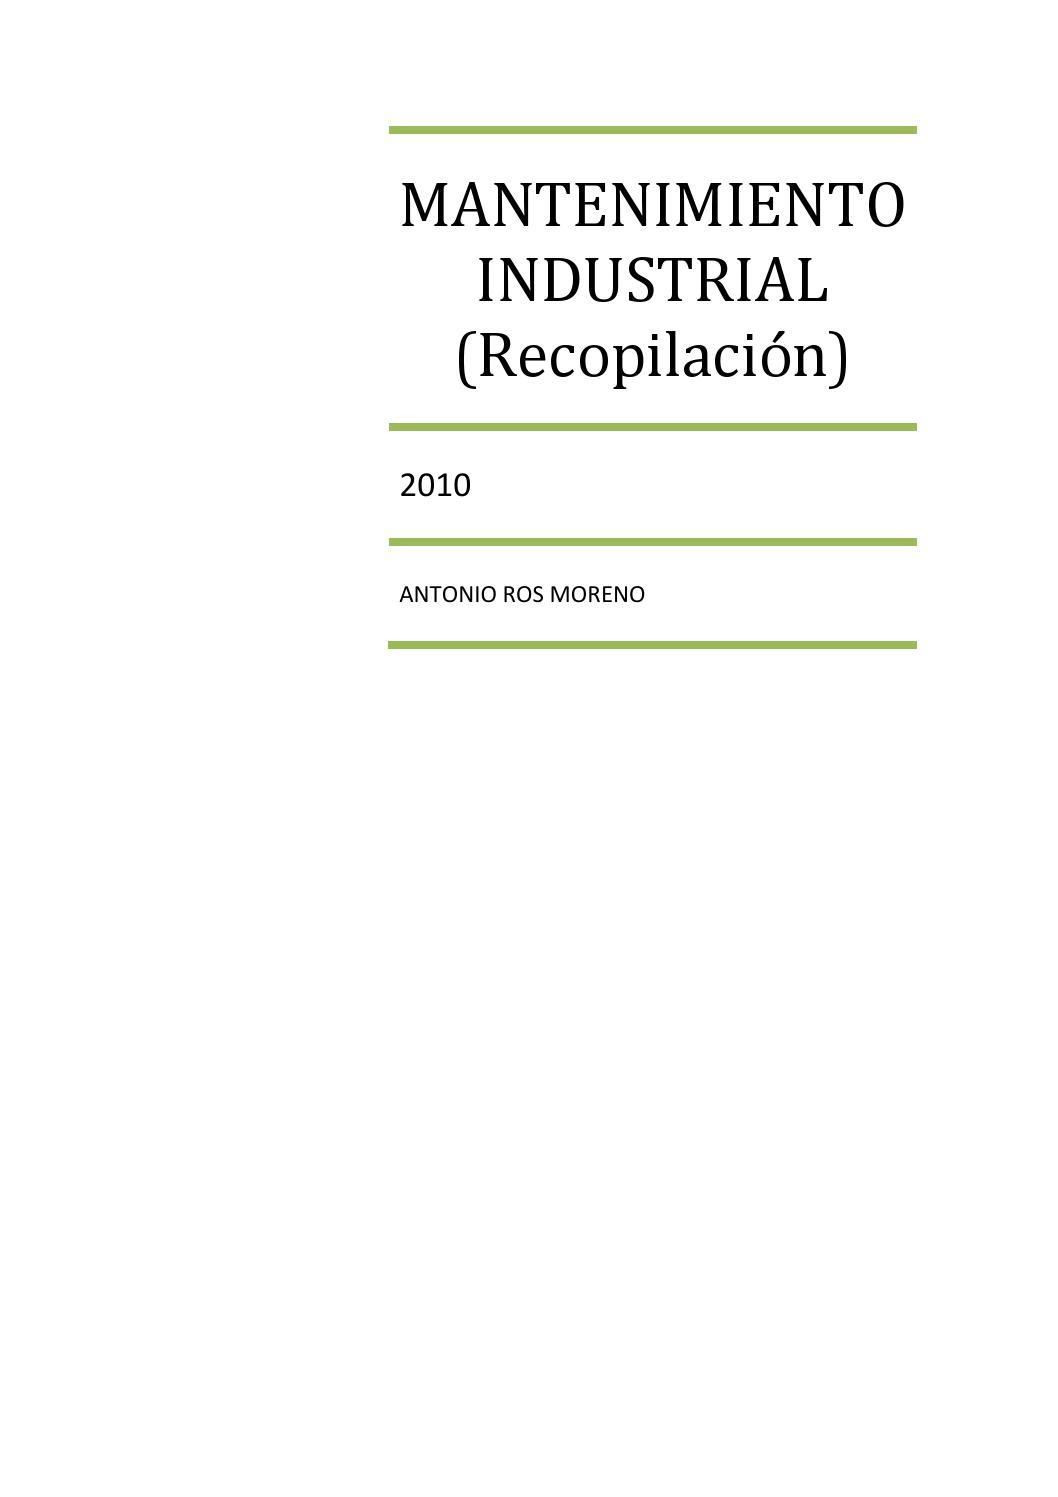 Mantenimiento Industrial by Antonio Ros Moreno - issuu